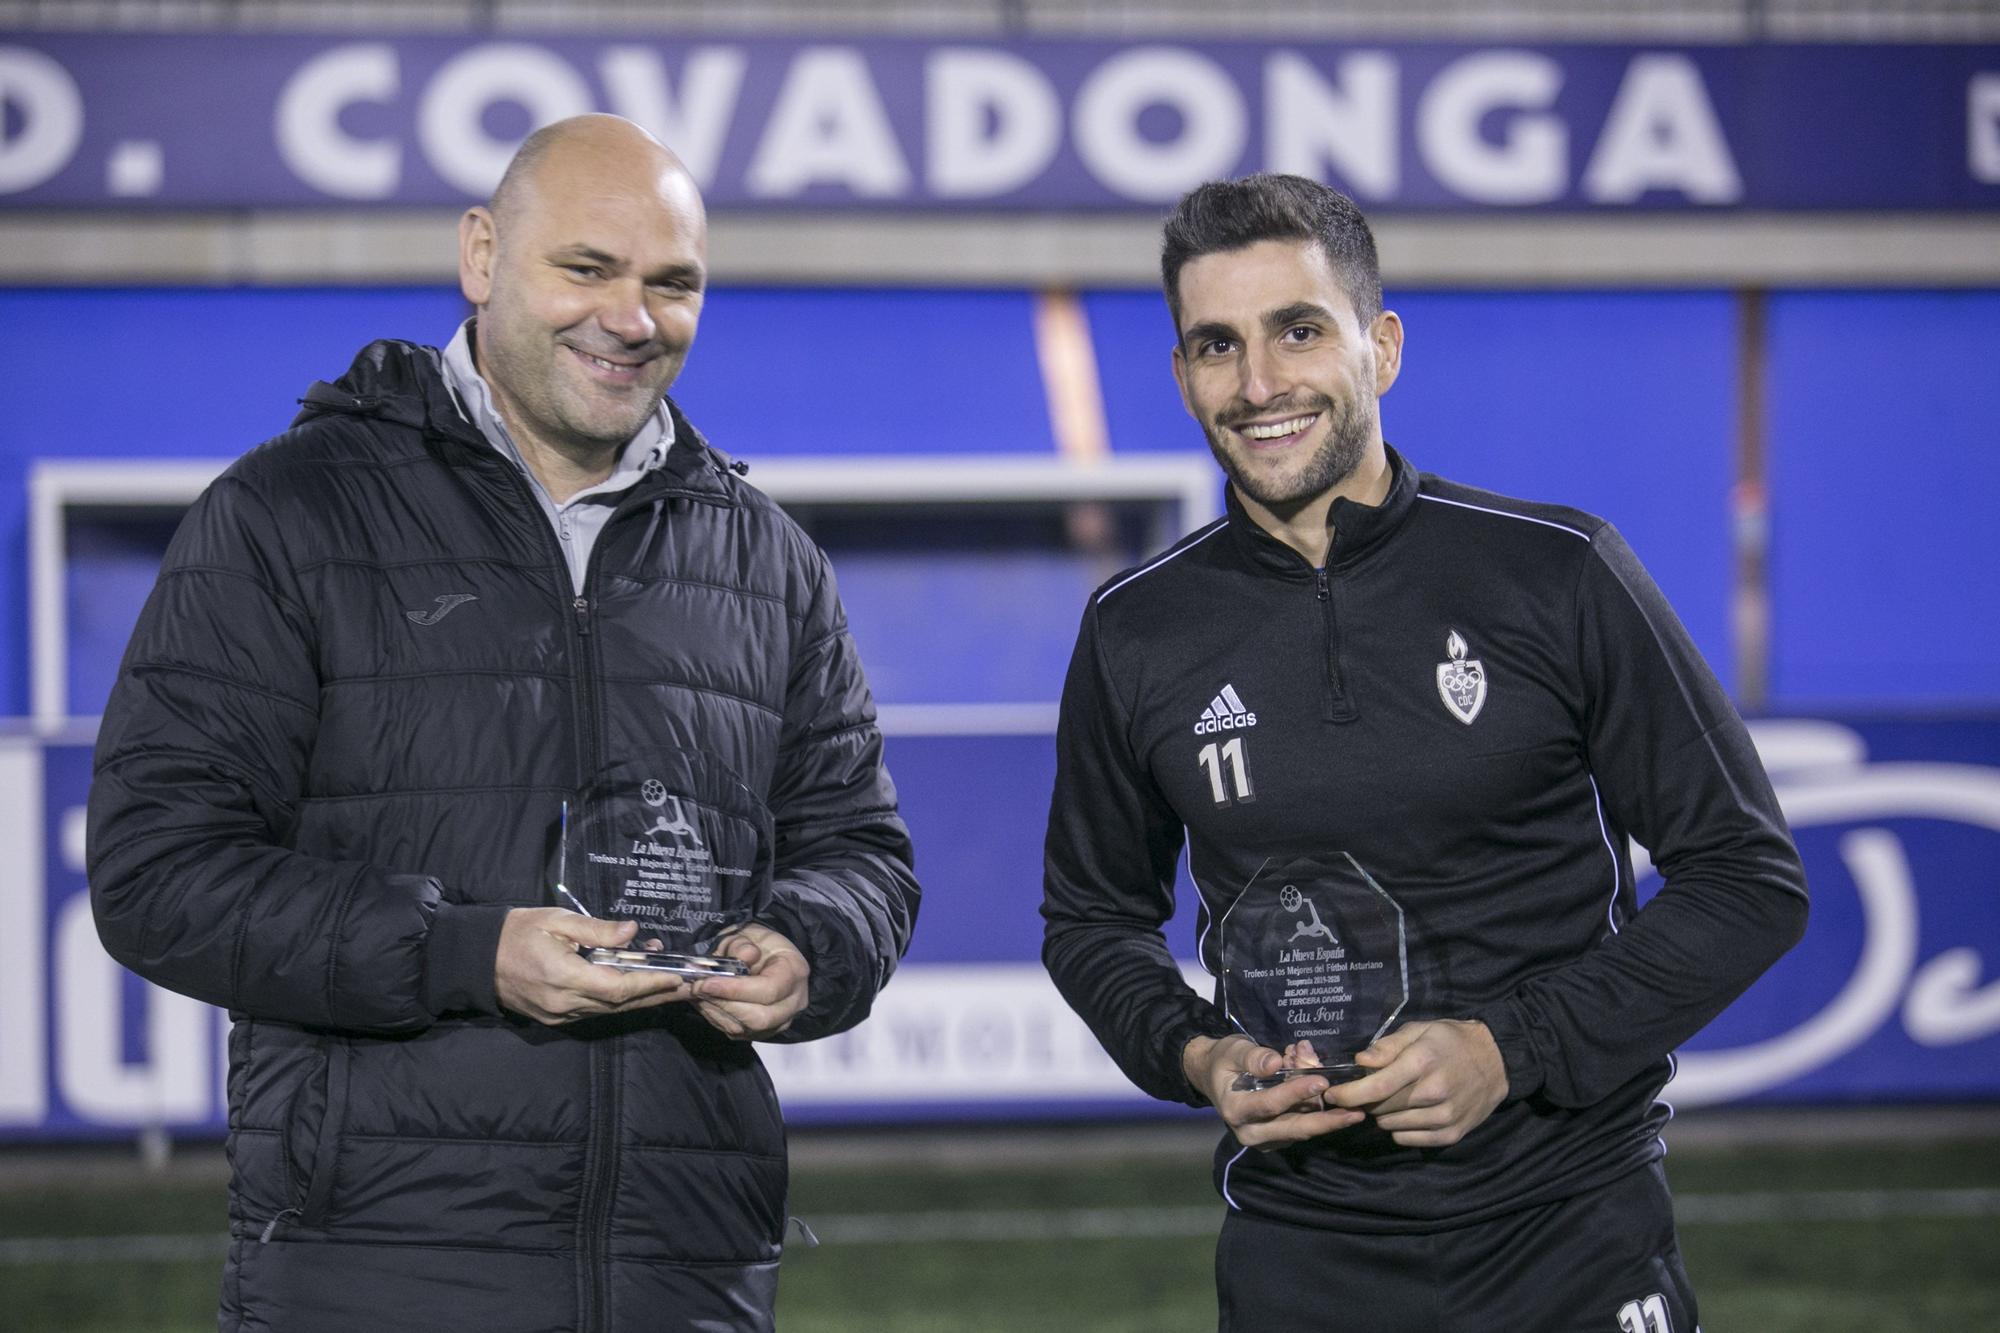 Por la izquierda, Ferm�n �lvarez, mejor entrenador, y Edu Font, mejor jugador de Tercera, ambos del Covadonga..jpg